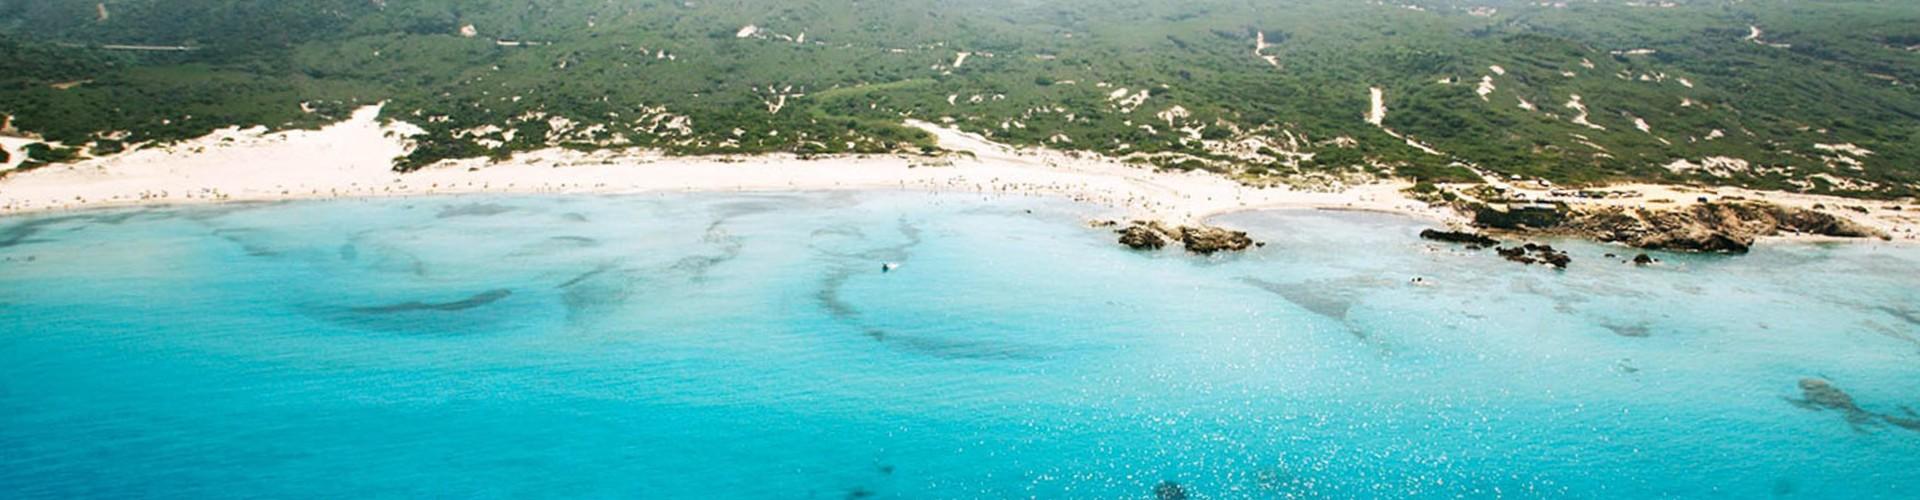 La spiaggia di Rena Majore